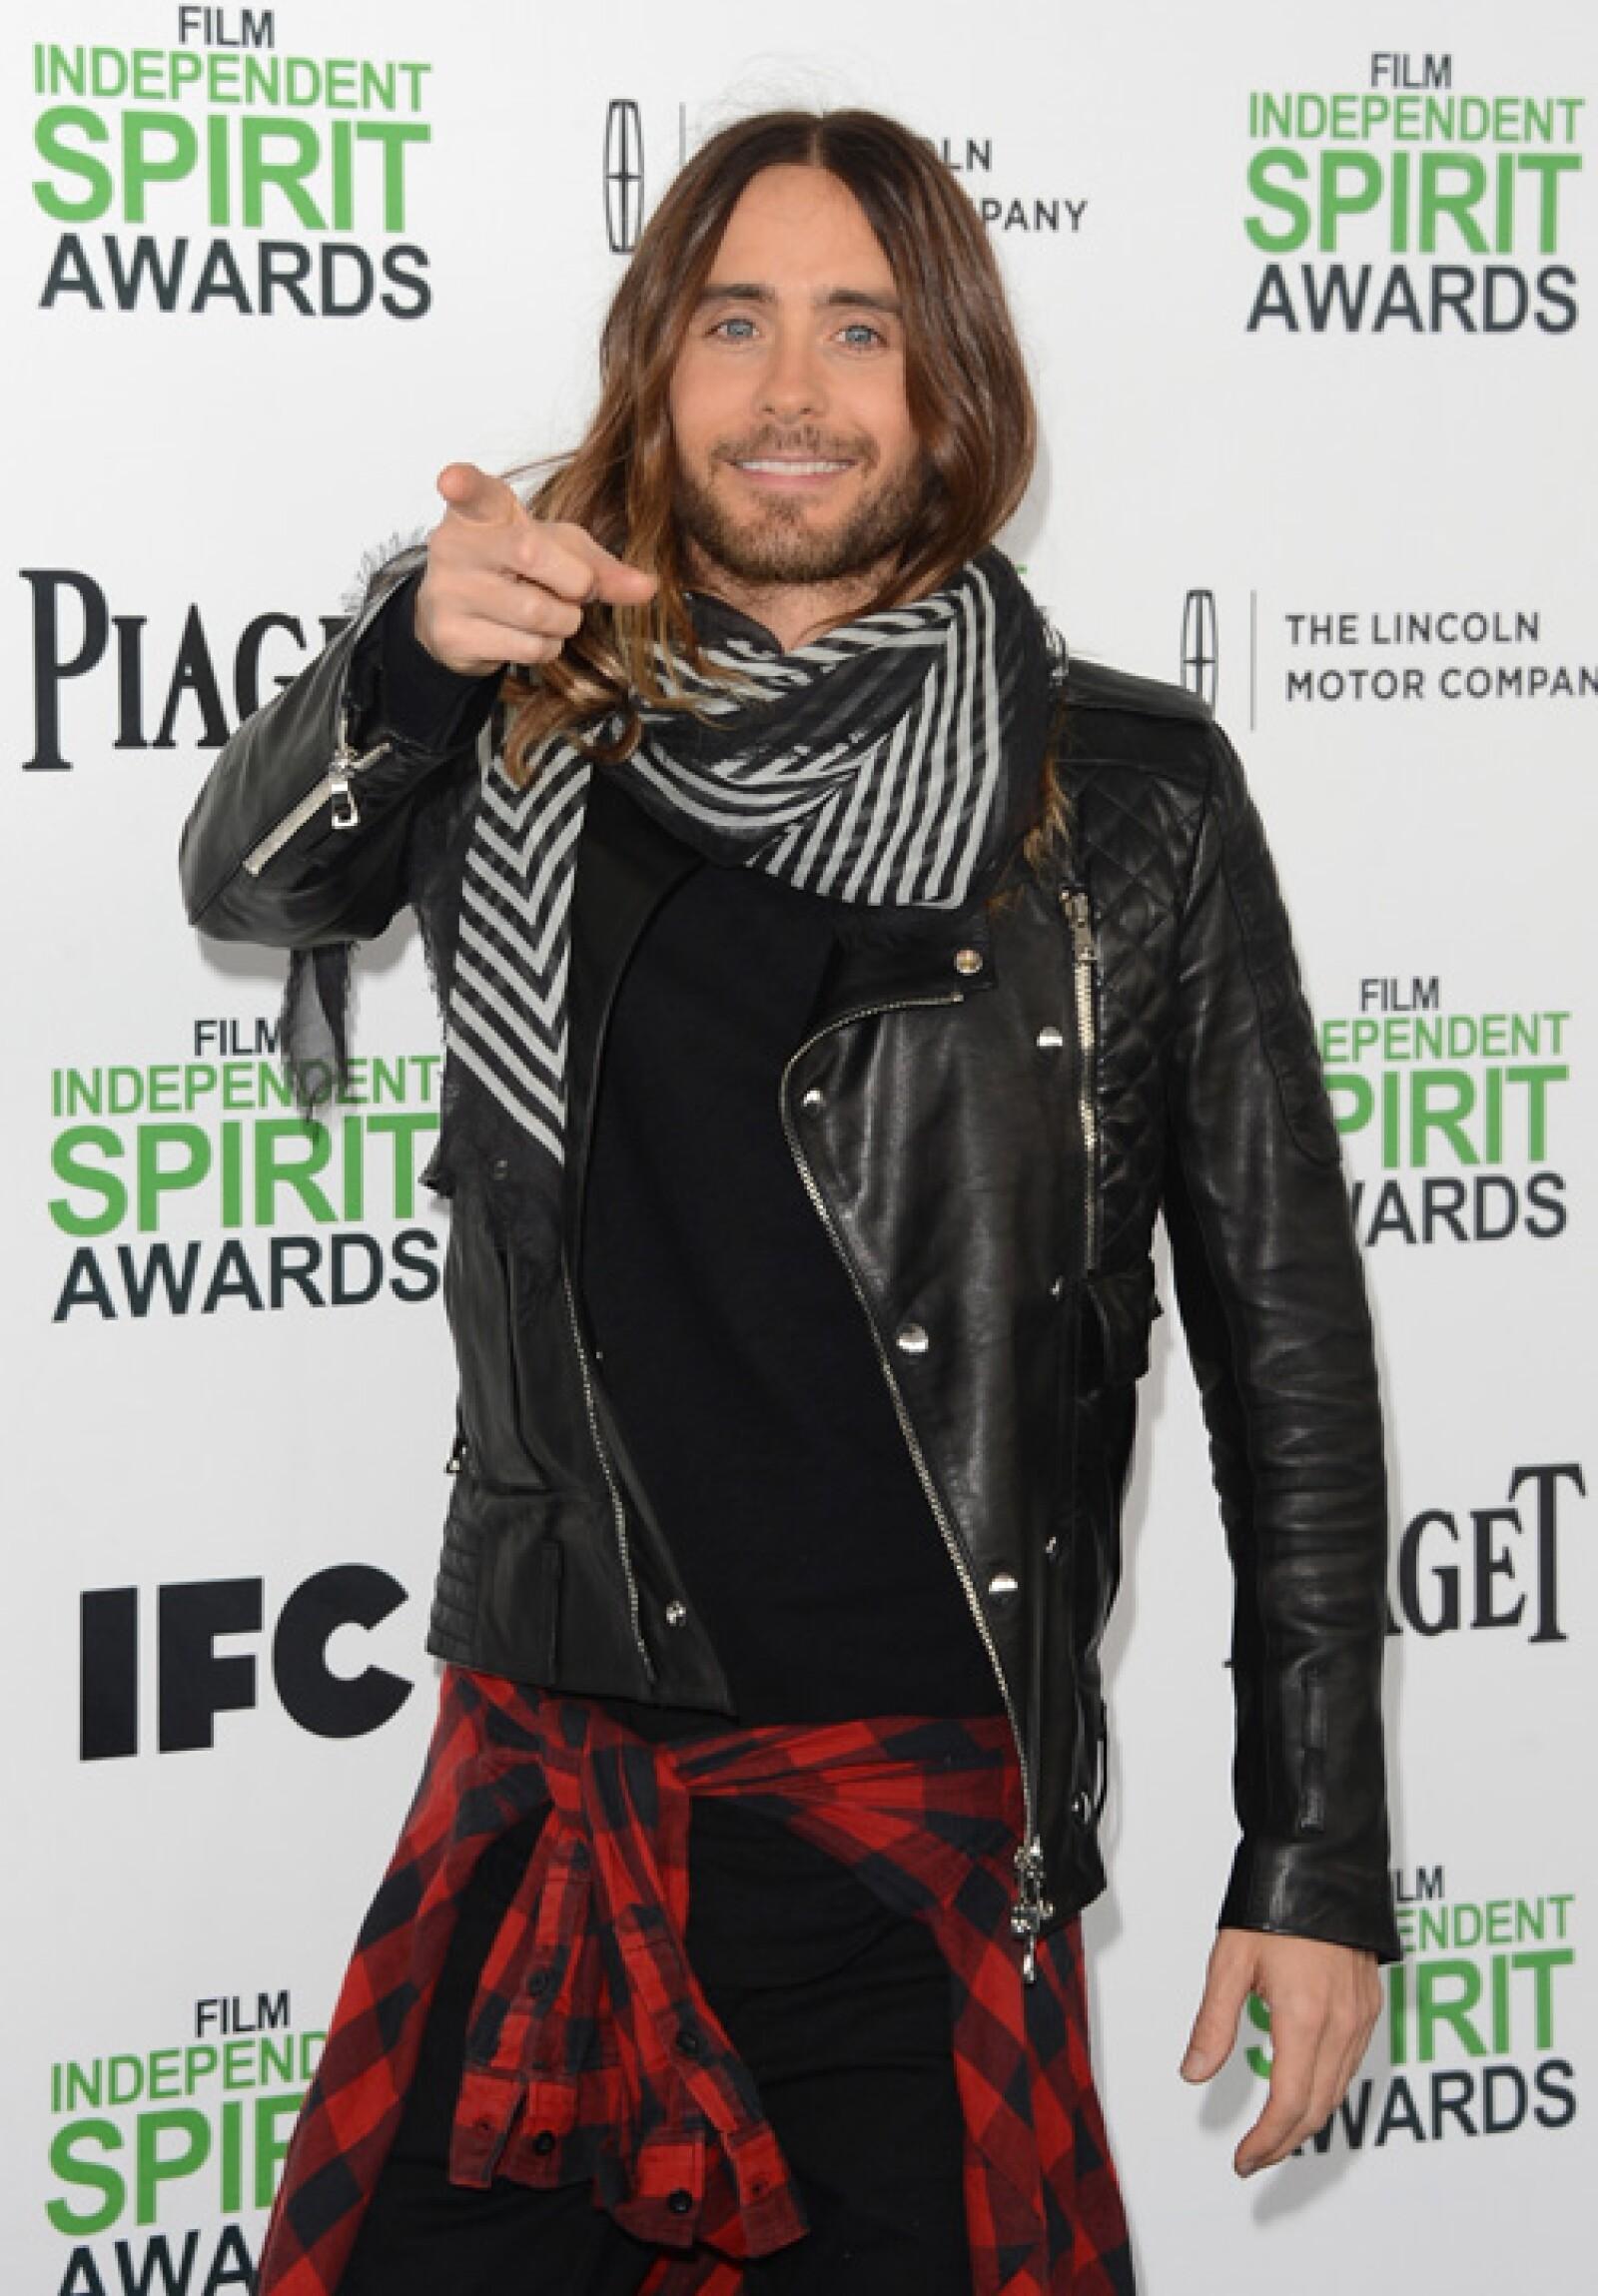 Adoptó el look de pelo largo estilo ombré luego de su participación en la película Dallas Buyers Club.